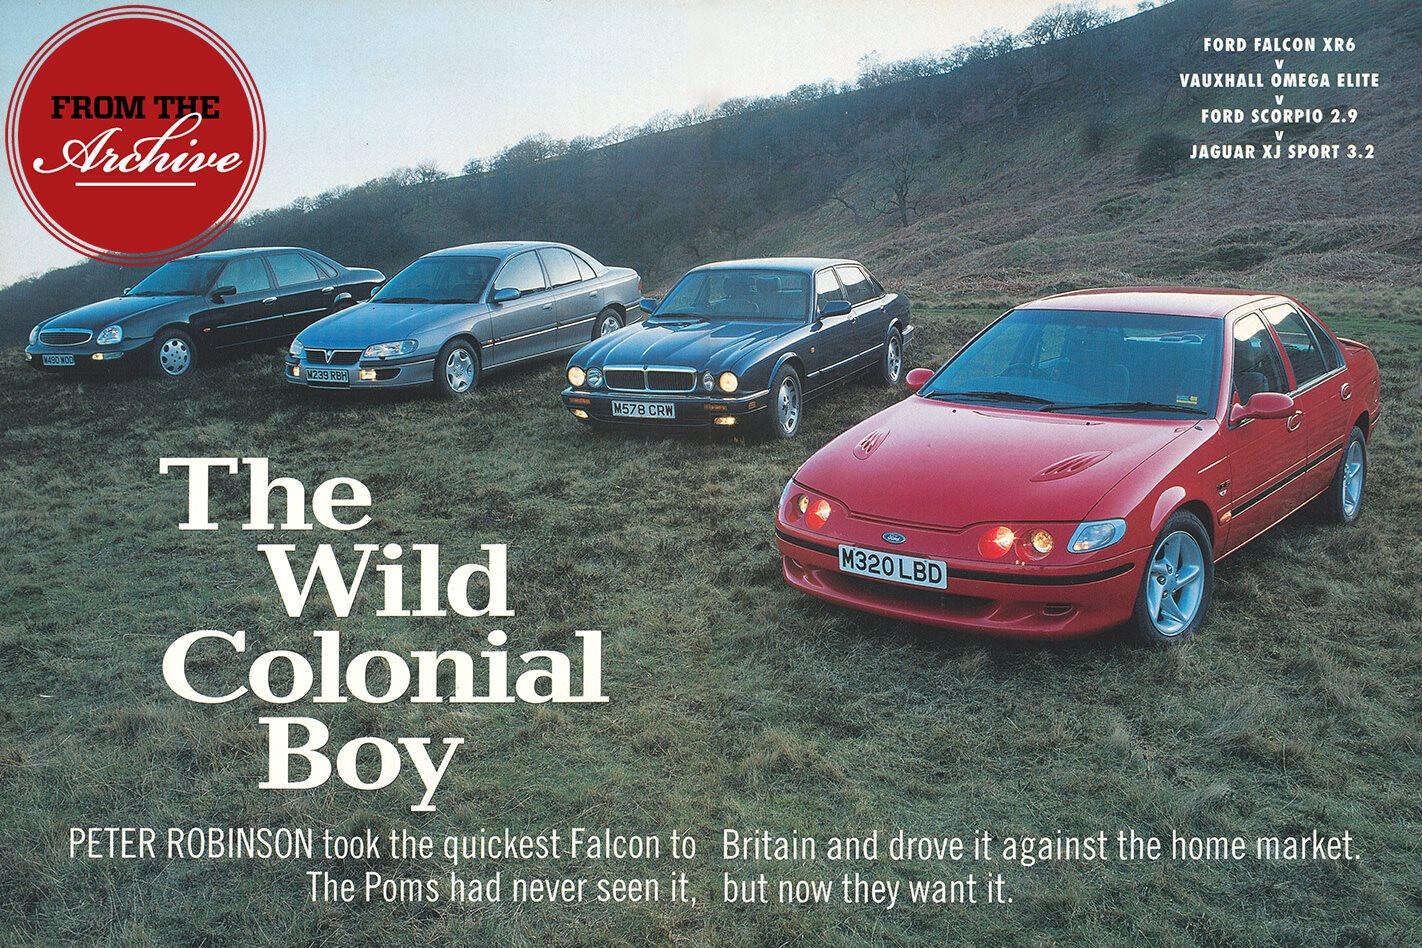 Ford Falcon XR6 vs Vauxhall Omega vs Ford Scorpio vs Jaguar XJ